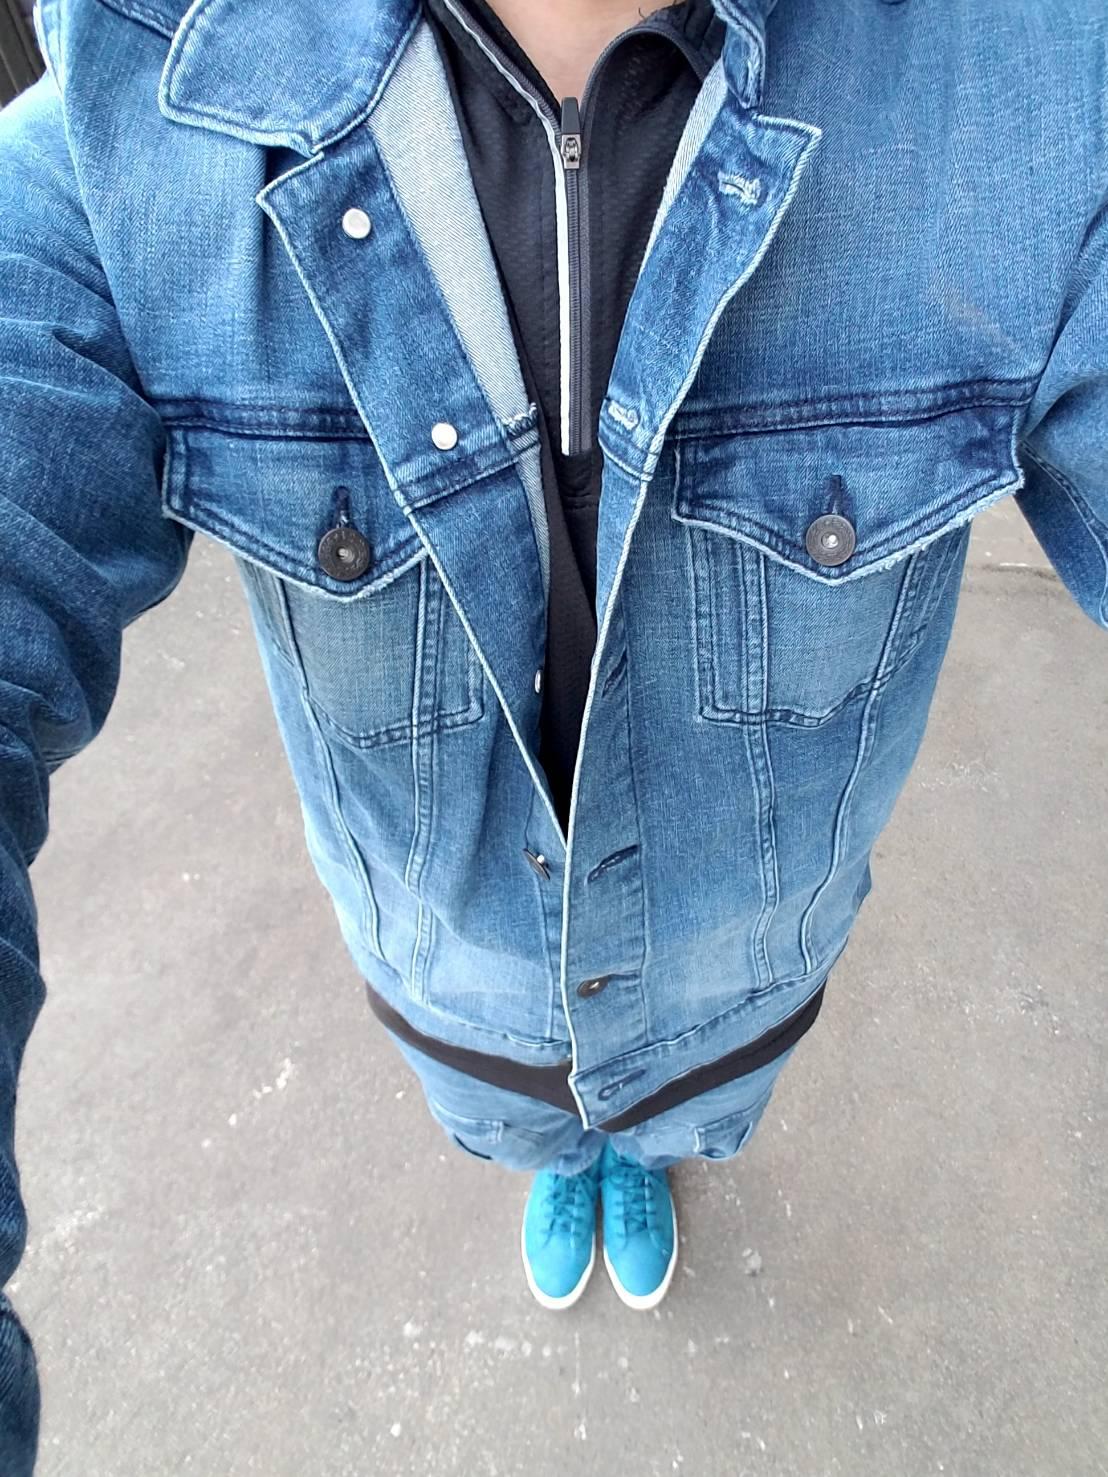 寅壱|春夏作業服|TORAibe 3RD JACKET 1800-124 TORAnsformed CARGO PANTS 1800-219デニム セットアップ 作業着